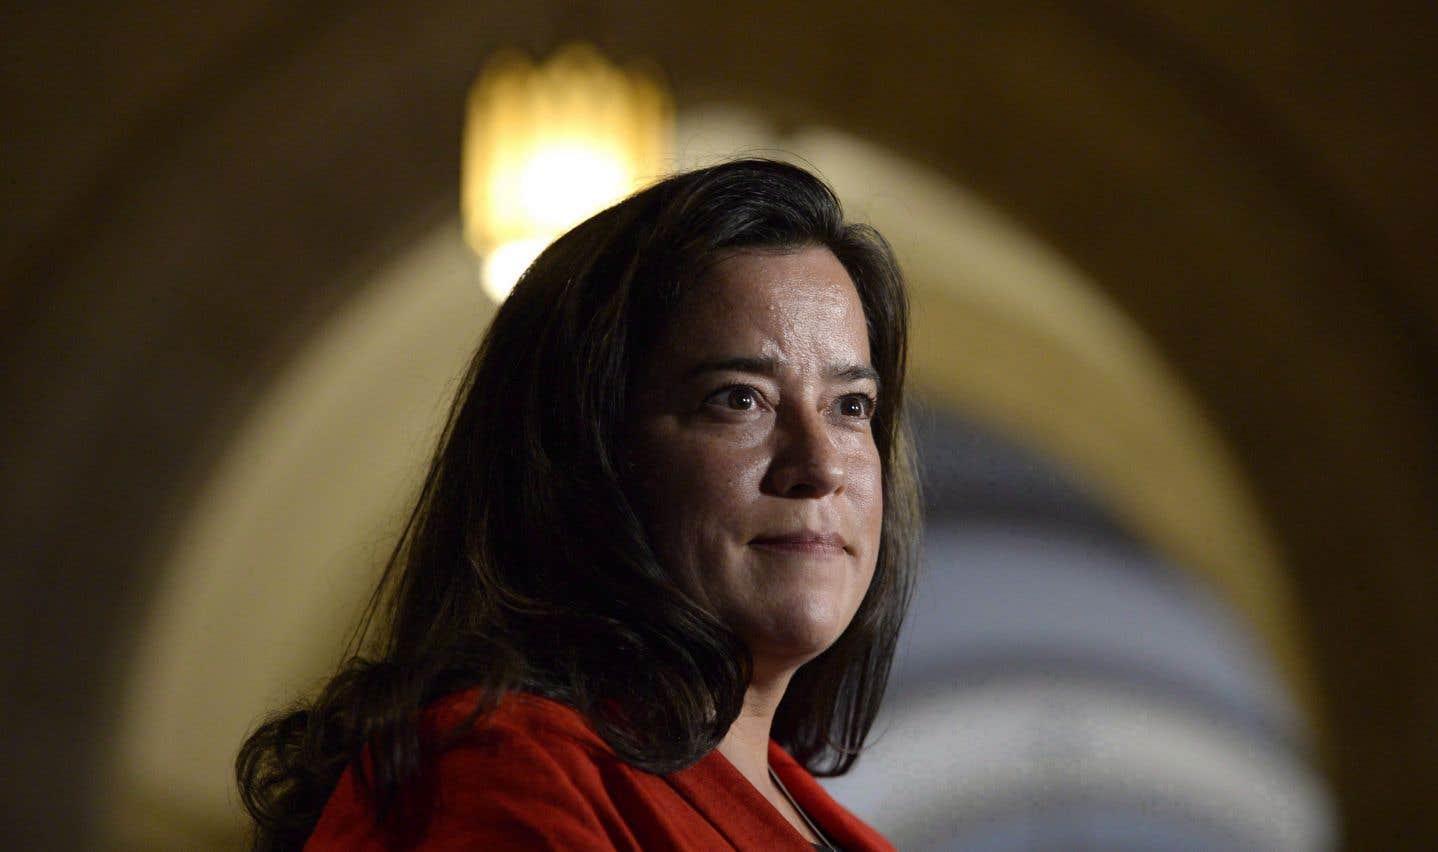 Ce sera à la ministre fédérale de la Justice Jody Wilson-Raybould d'ordonner la révocation recommandée par le conseil.